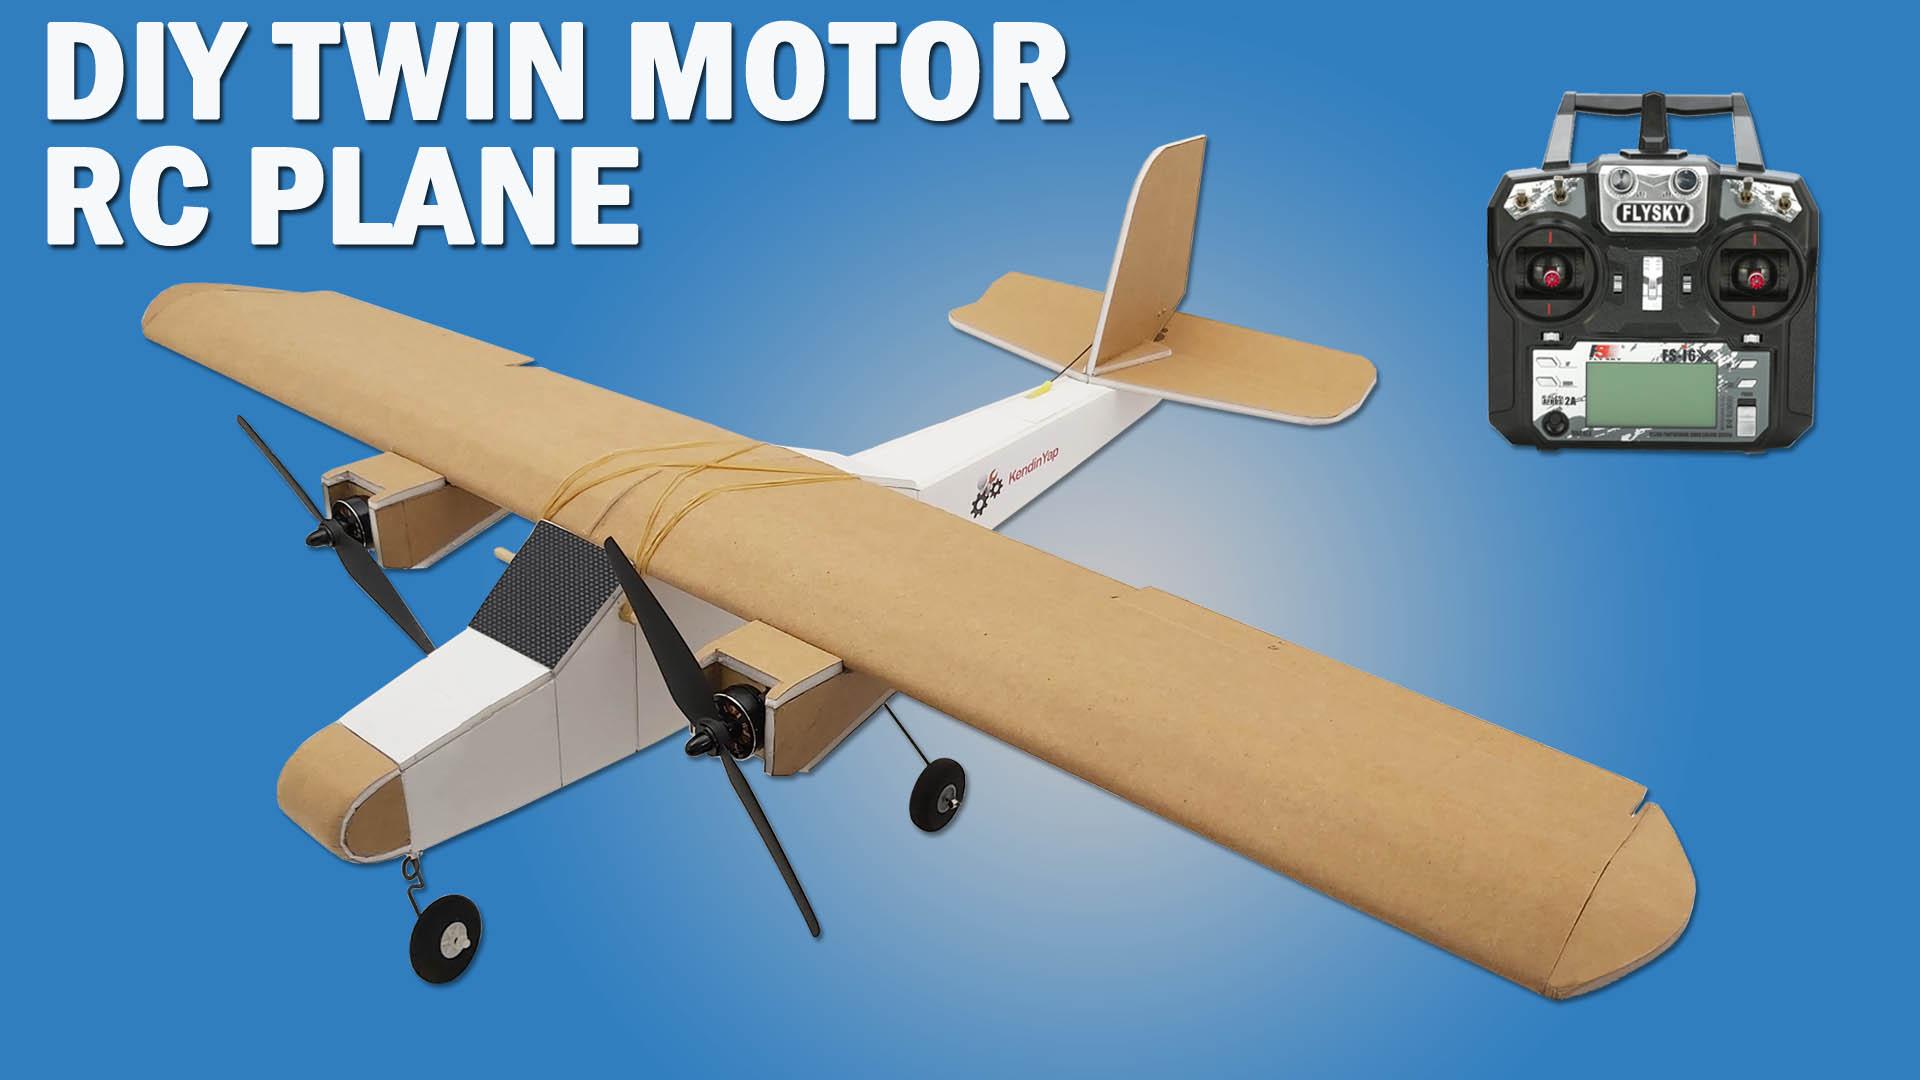 Çift Motorlu RC Model Uçak Yapımı – Fırçasız Motorlu